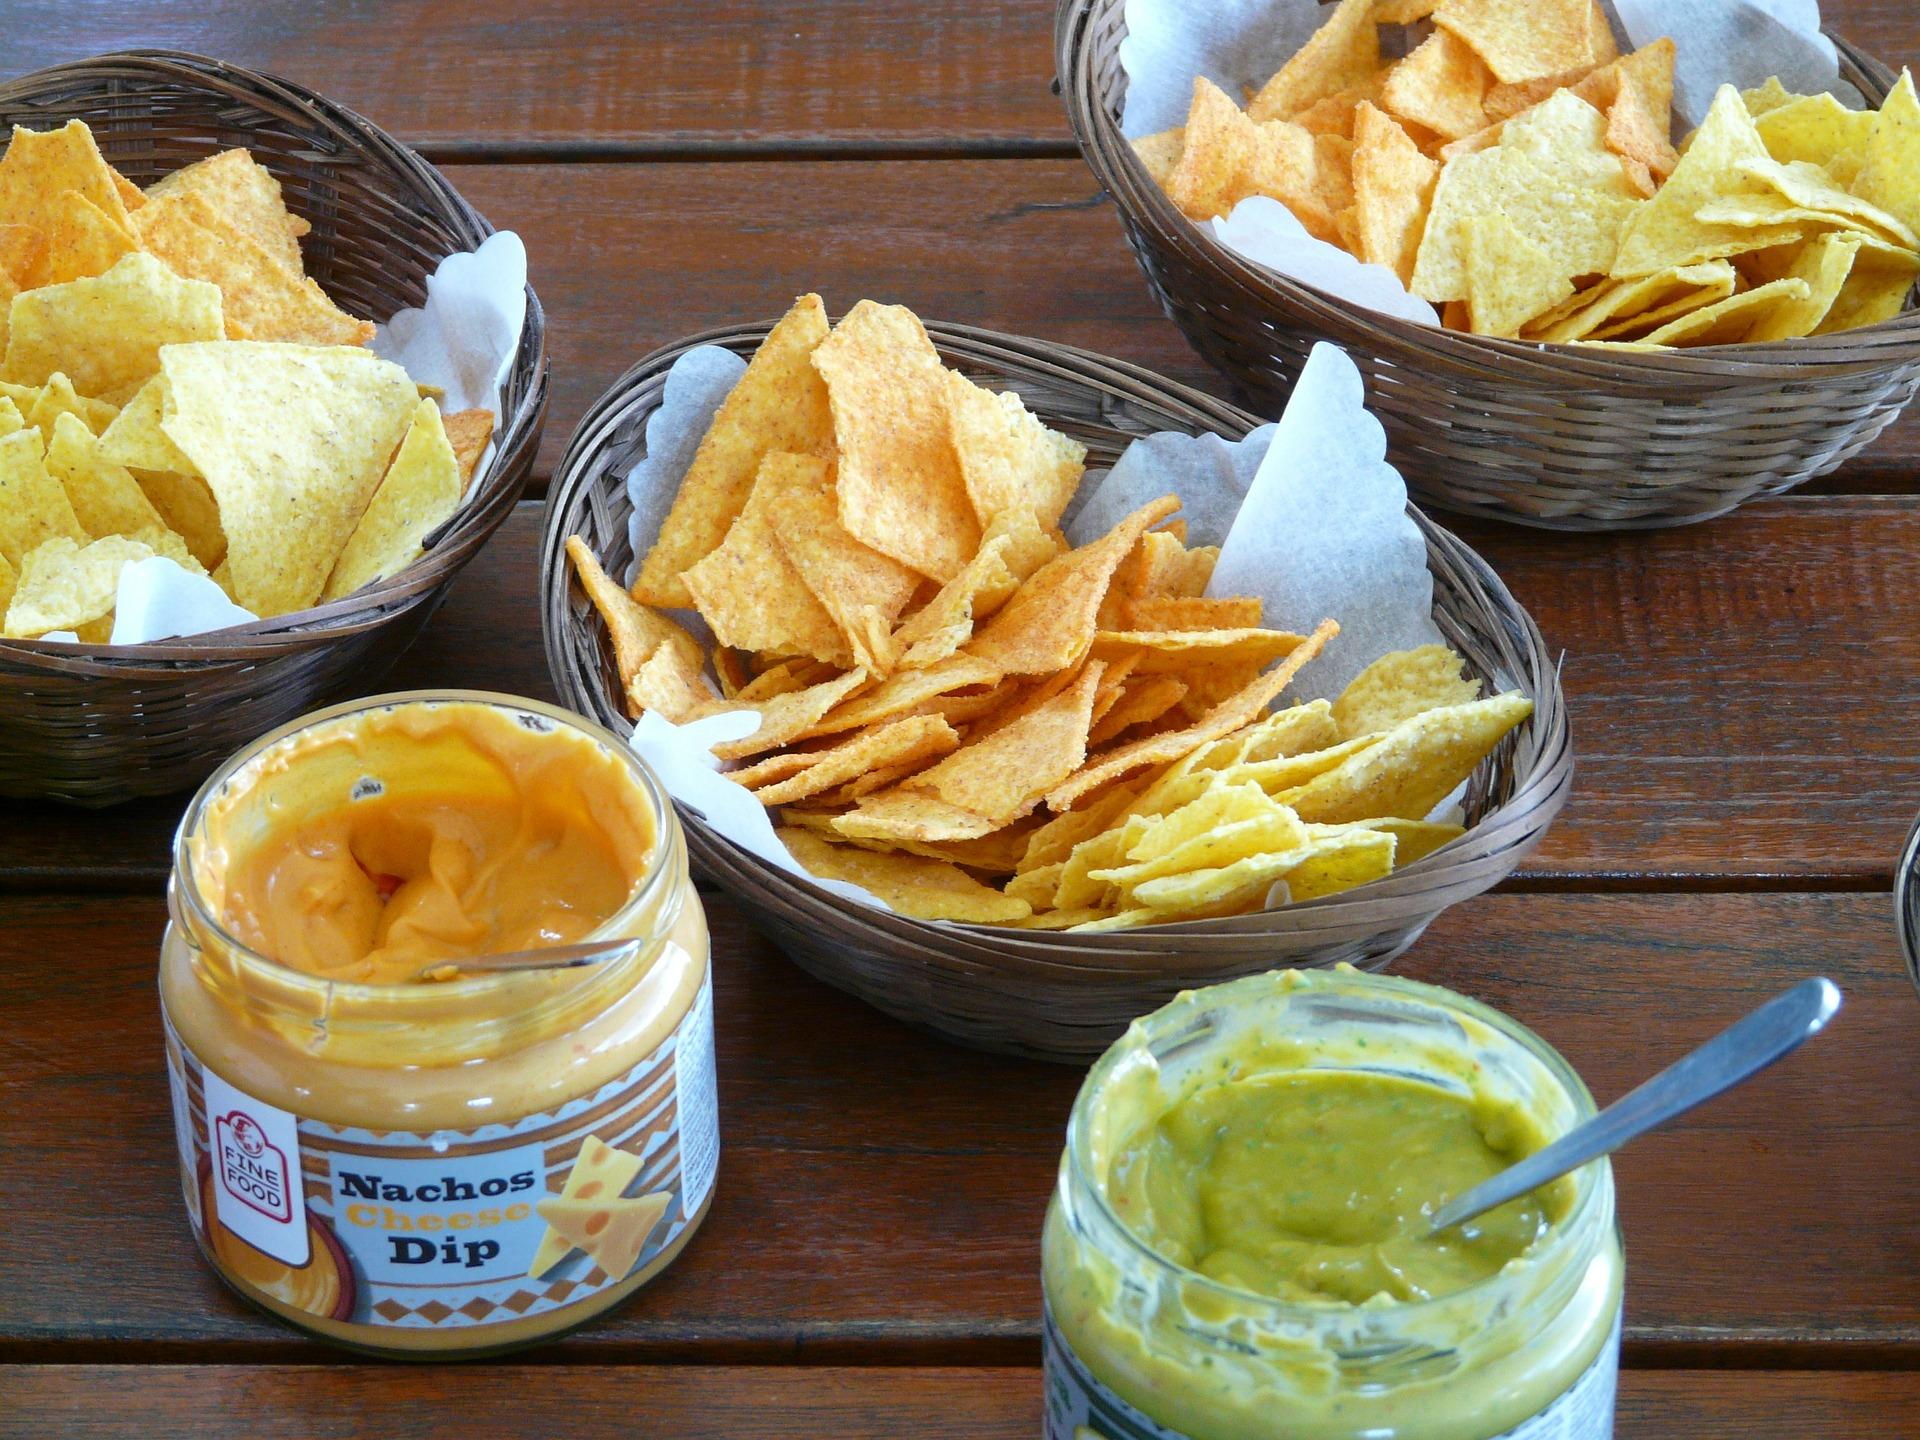 Chipsy wycofane ze sprzedaży. GIS ostrzega - Zdjęcie główne